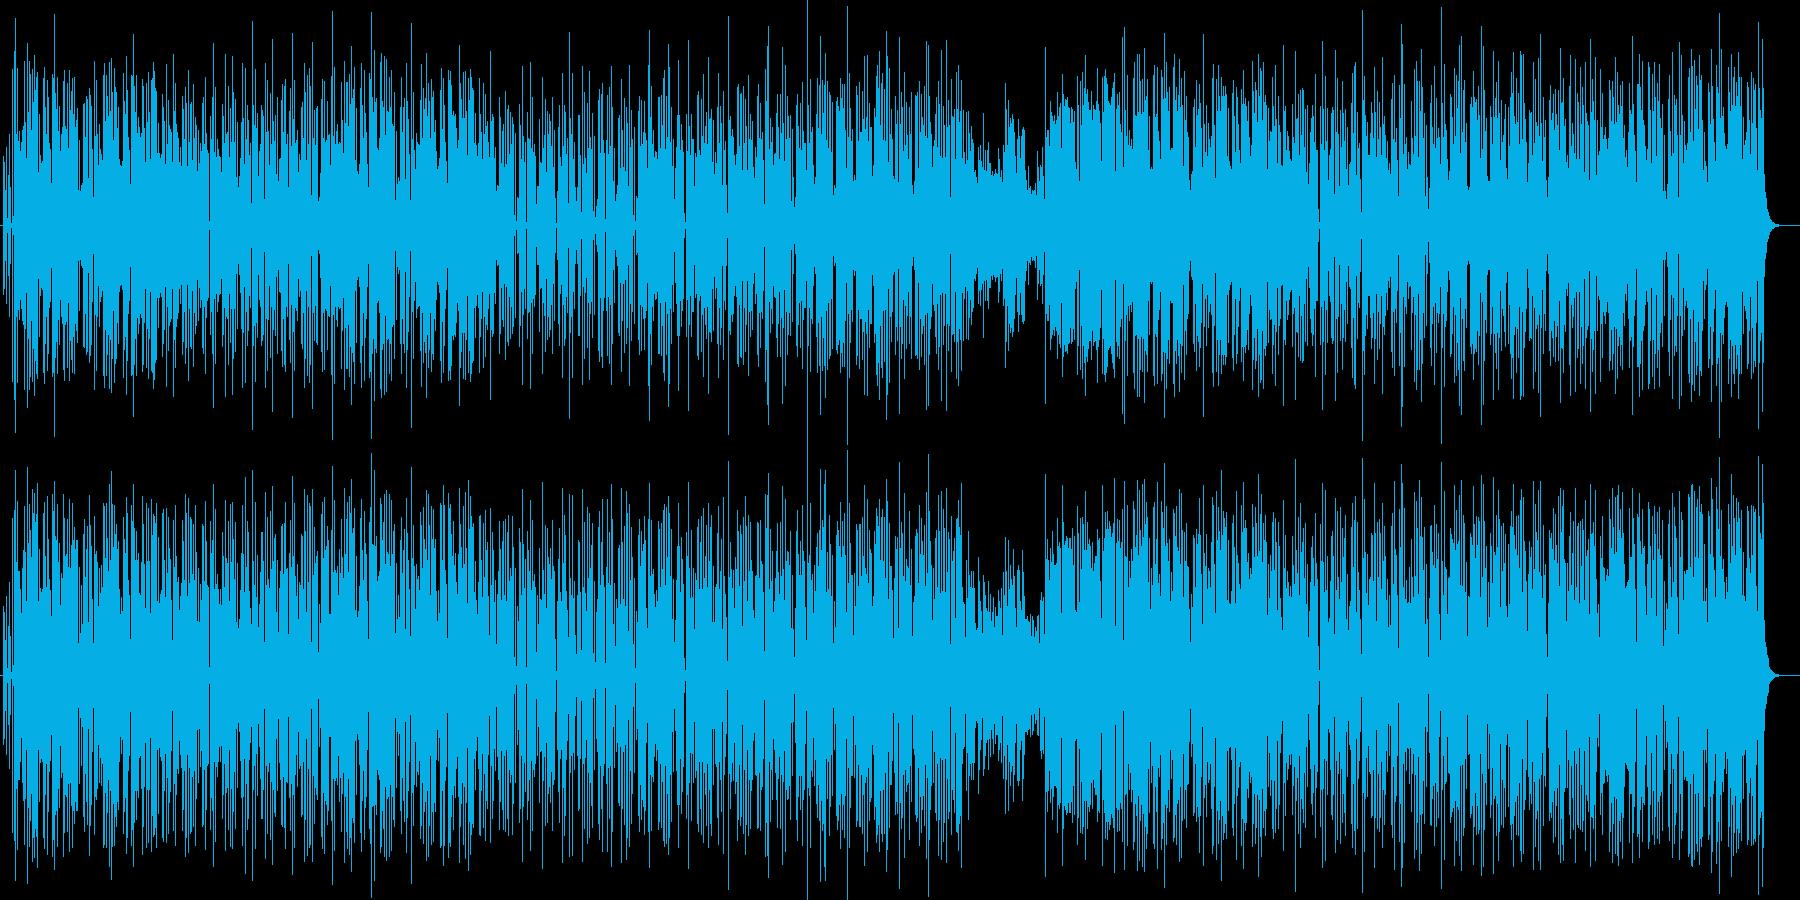 ちょっぴりおとぼけ系のコミカル曲の再生済みの波形